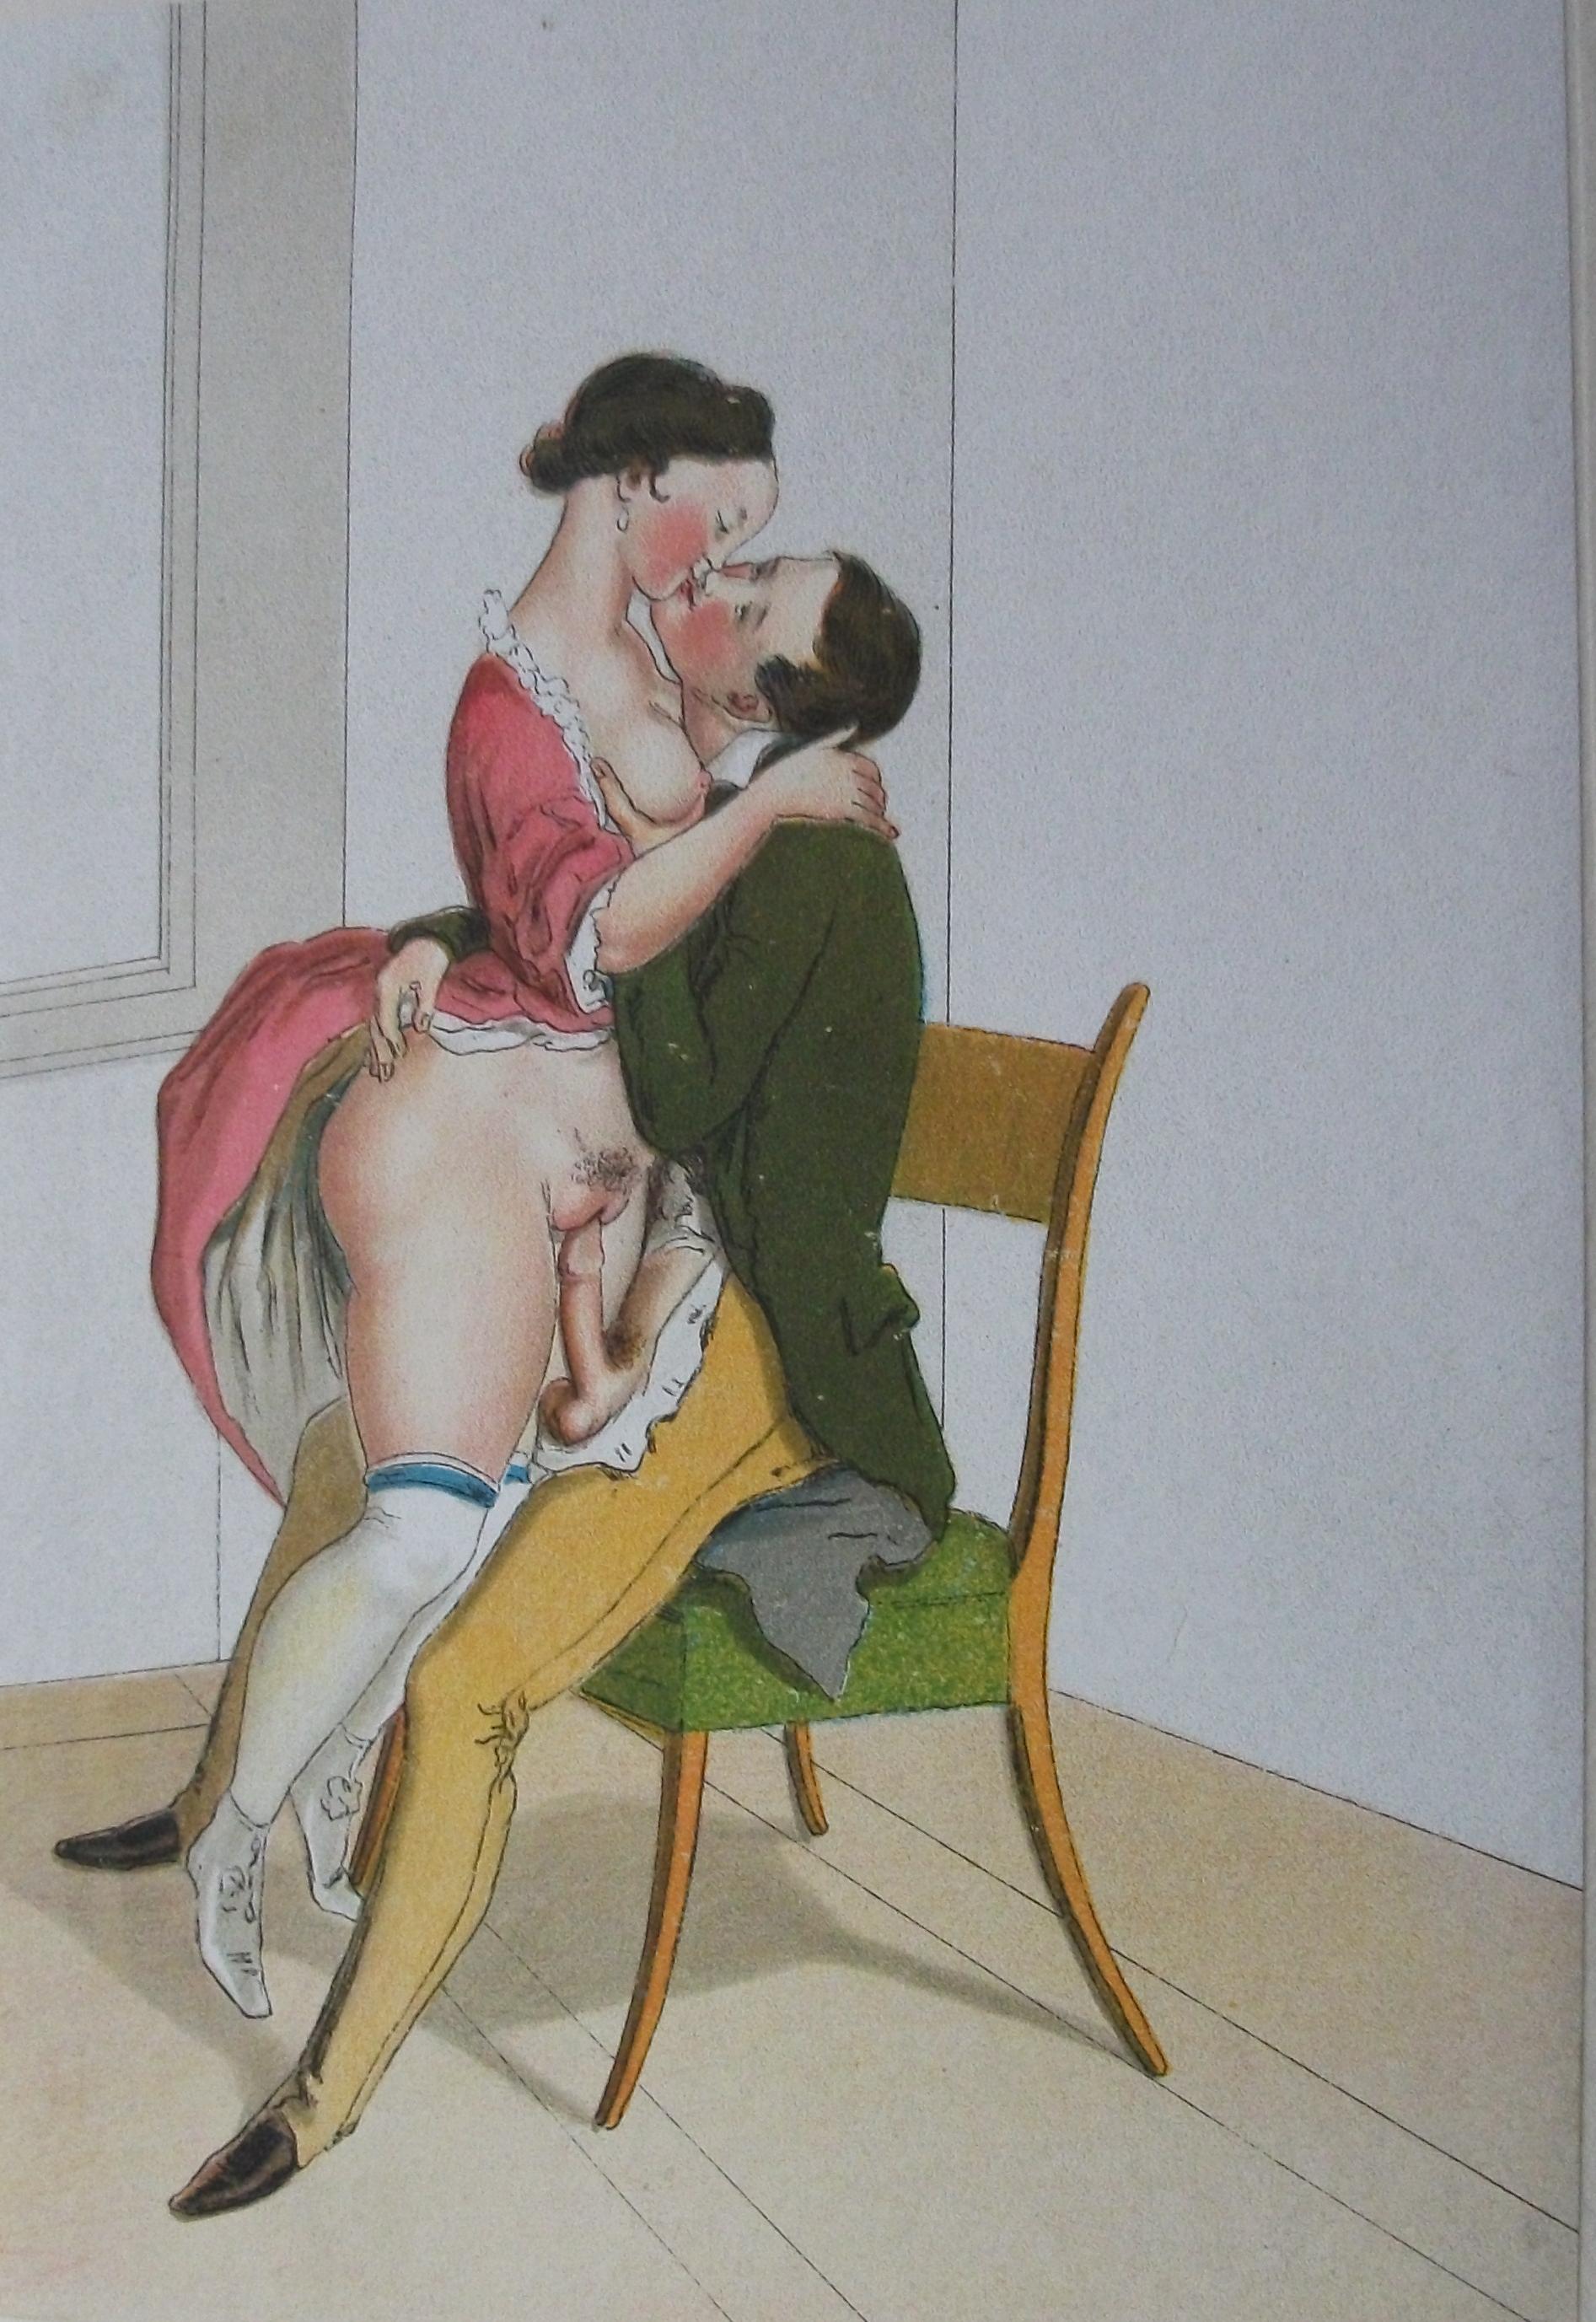 sesso erotica articoli hard